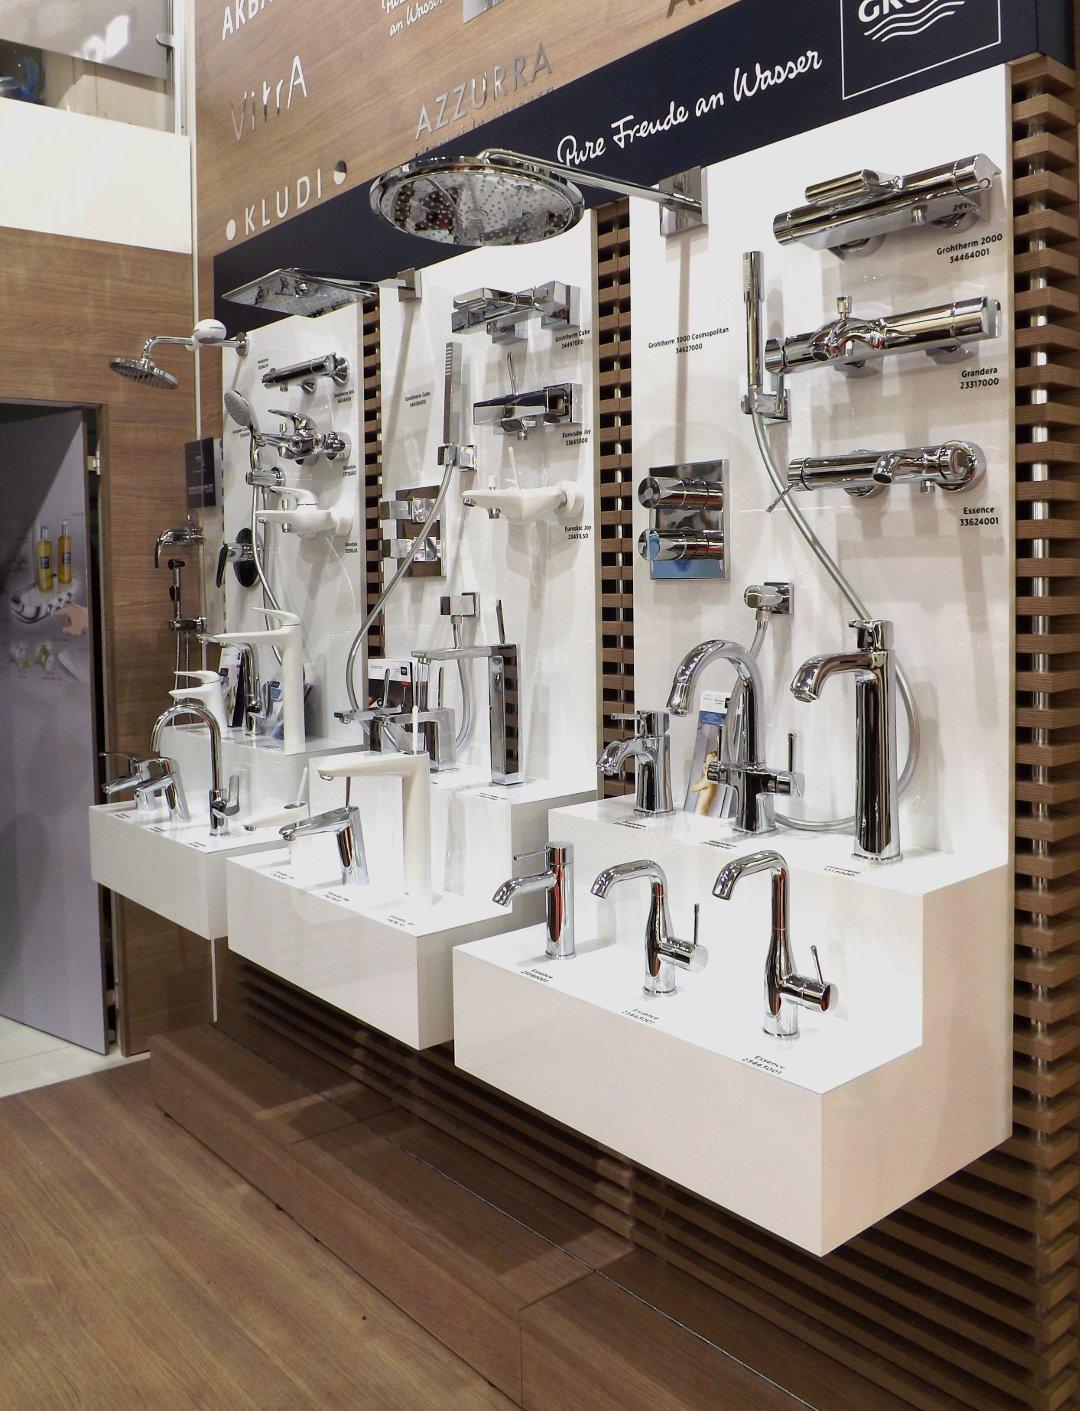 Выставочный стенд с сантехникой от Grohe на международной строительной выставке «МосБилд 2016»